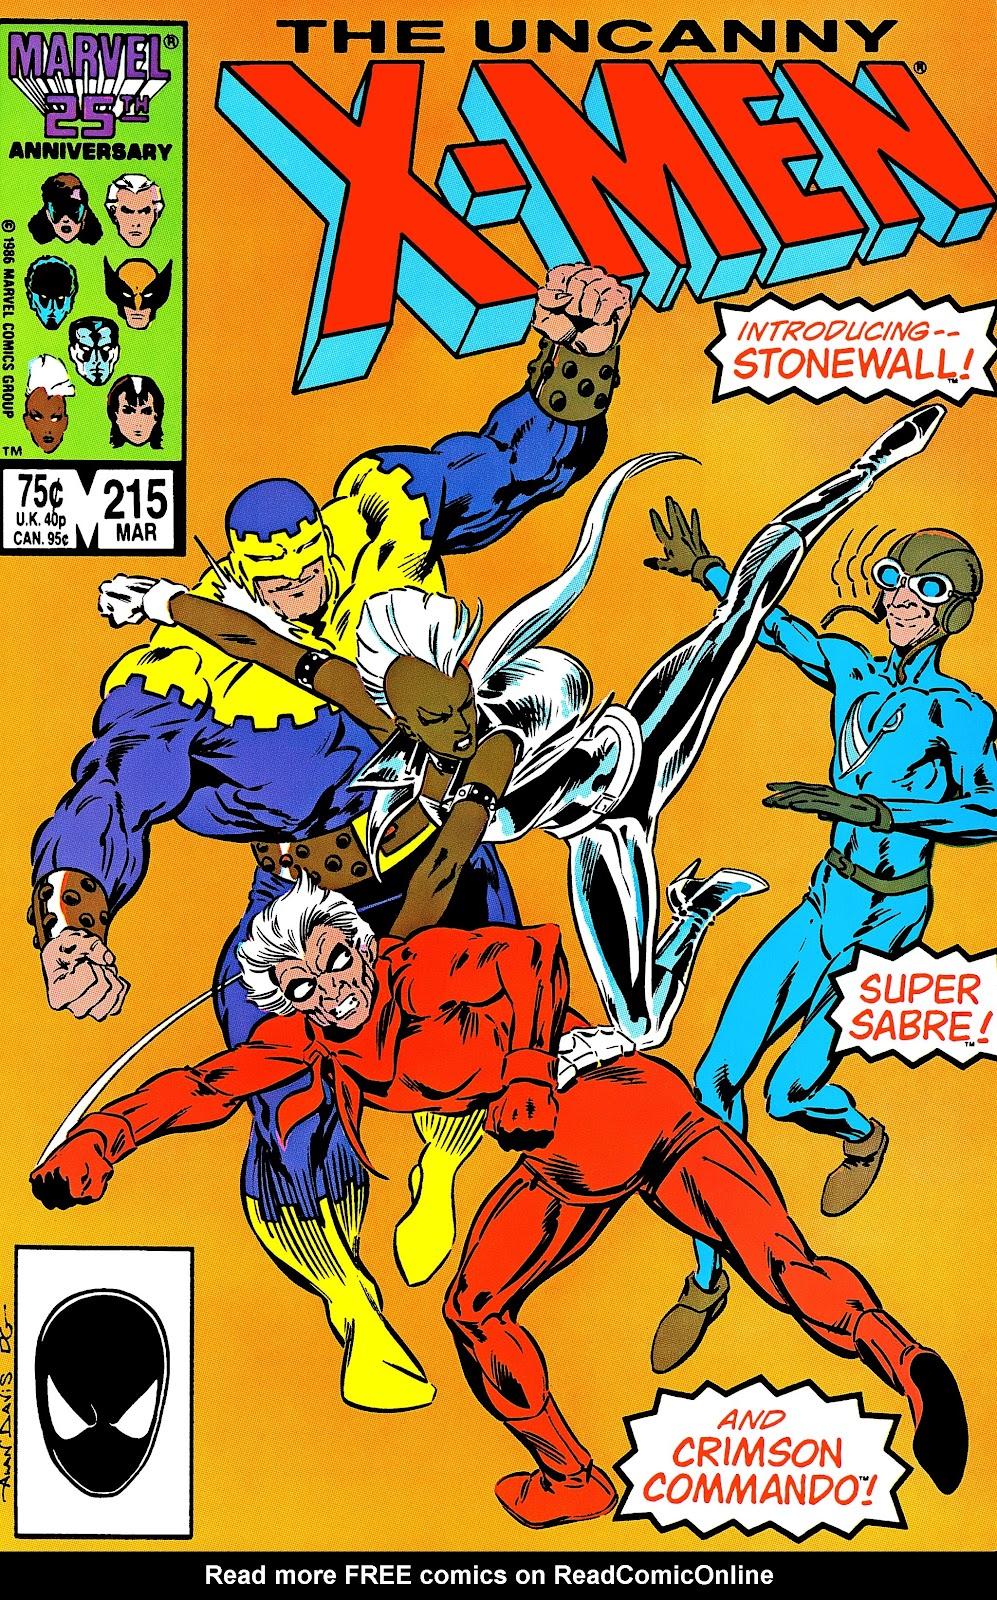 Uncanny X-Men (1963) 215 Page 1